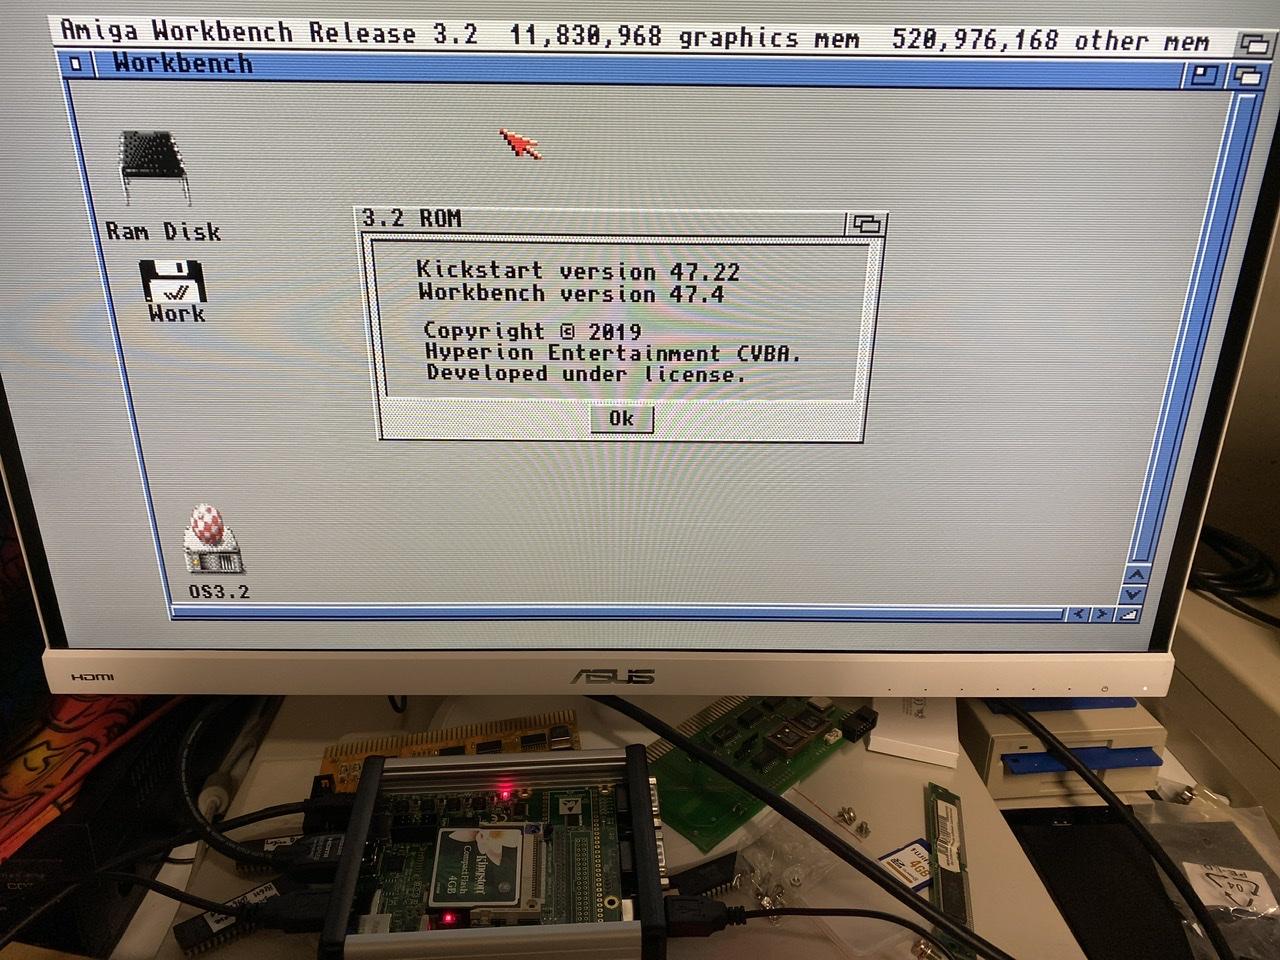 Klikněte na obrázek pro zobrazení větší verze  Název: C21842E4-BEB6-45C0-92CF-8FE7360A630F.jpeg Zobrazeno: 81 Velikost: 436,9 KB ID: 9951